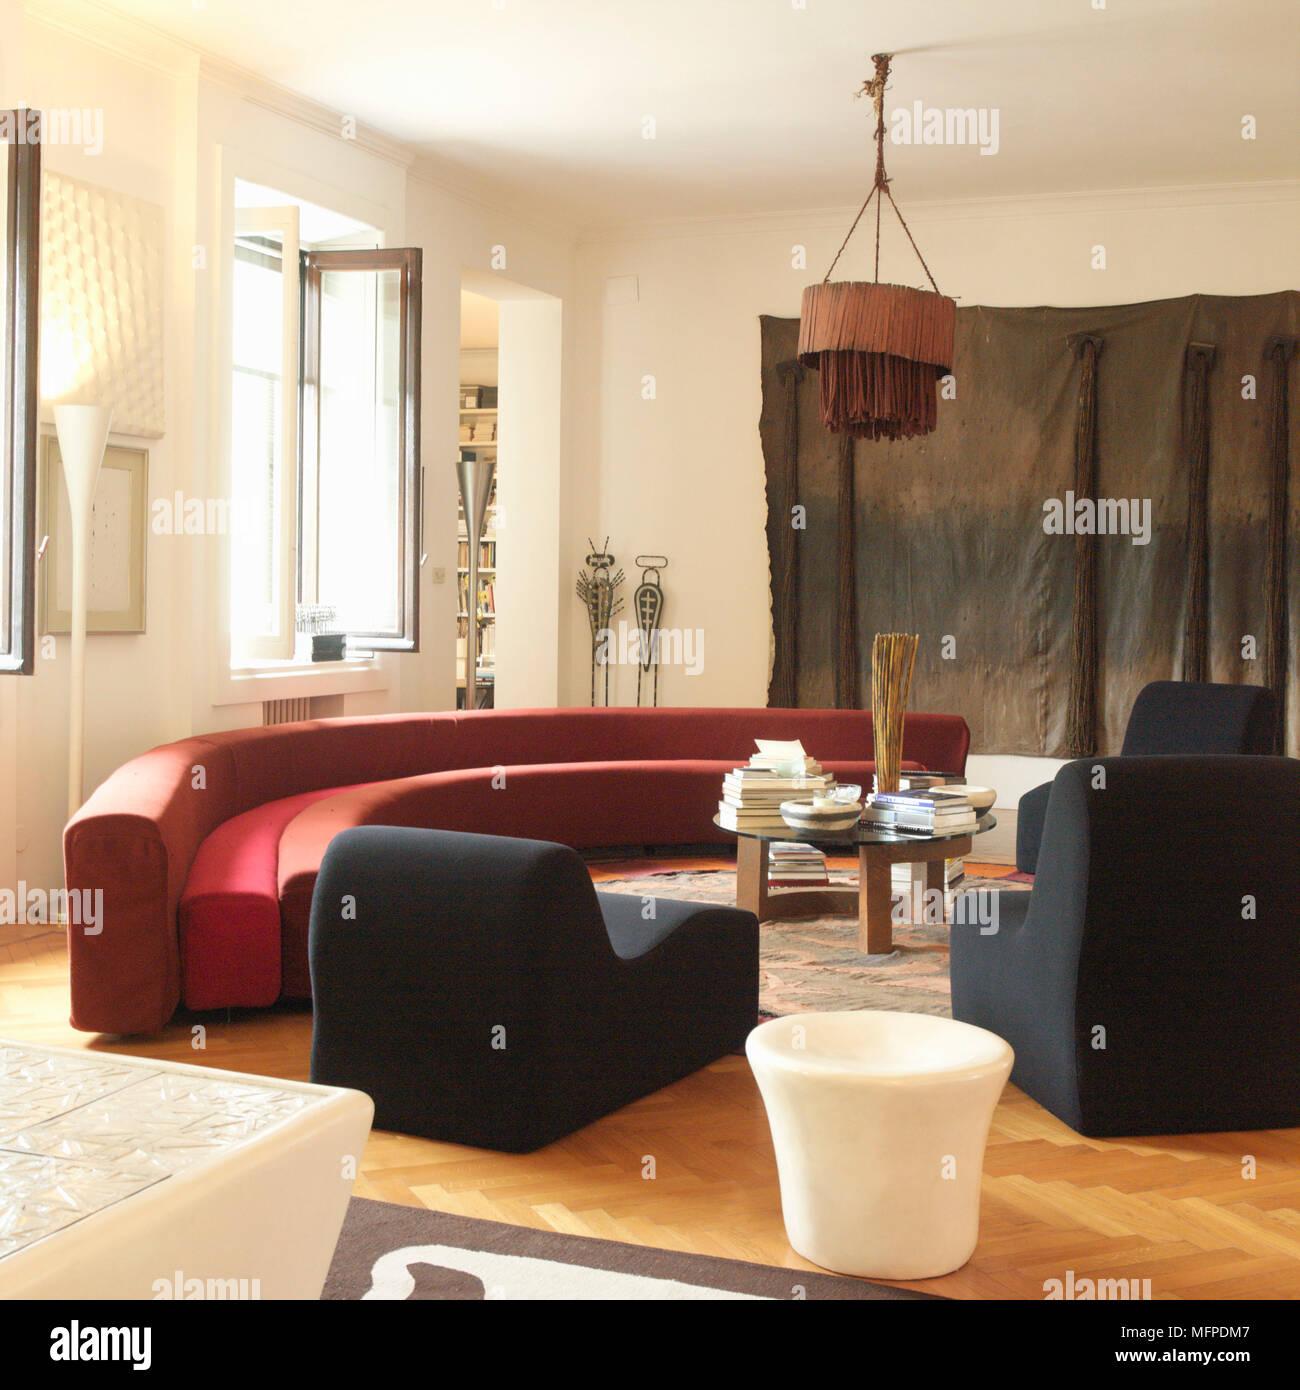 Charmant Ein Modernes Wohnzimmer Mit Hoher Decke, Holzboden, Eine Halbrunde Modernes  Sofa, Einem Hocker, Einem Ethnischen Stil Stück Hängenden Stoff Kunst, ...